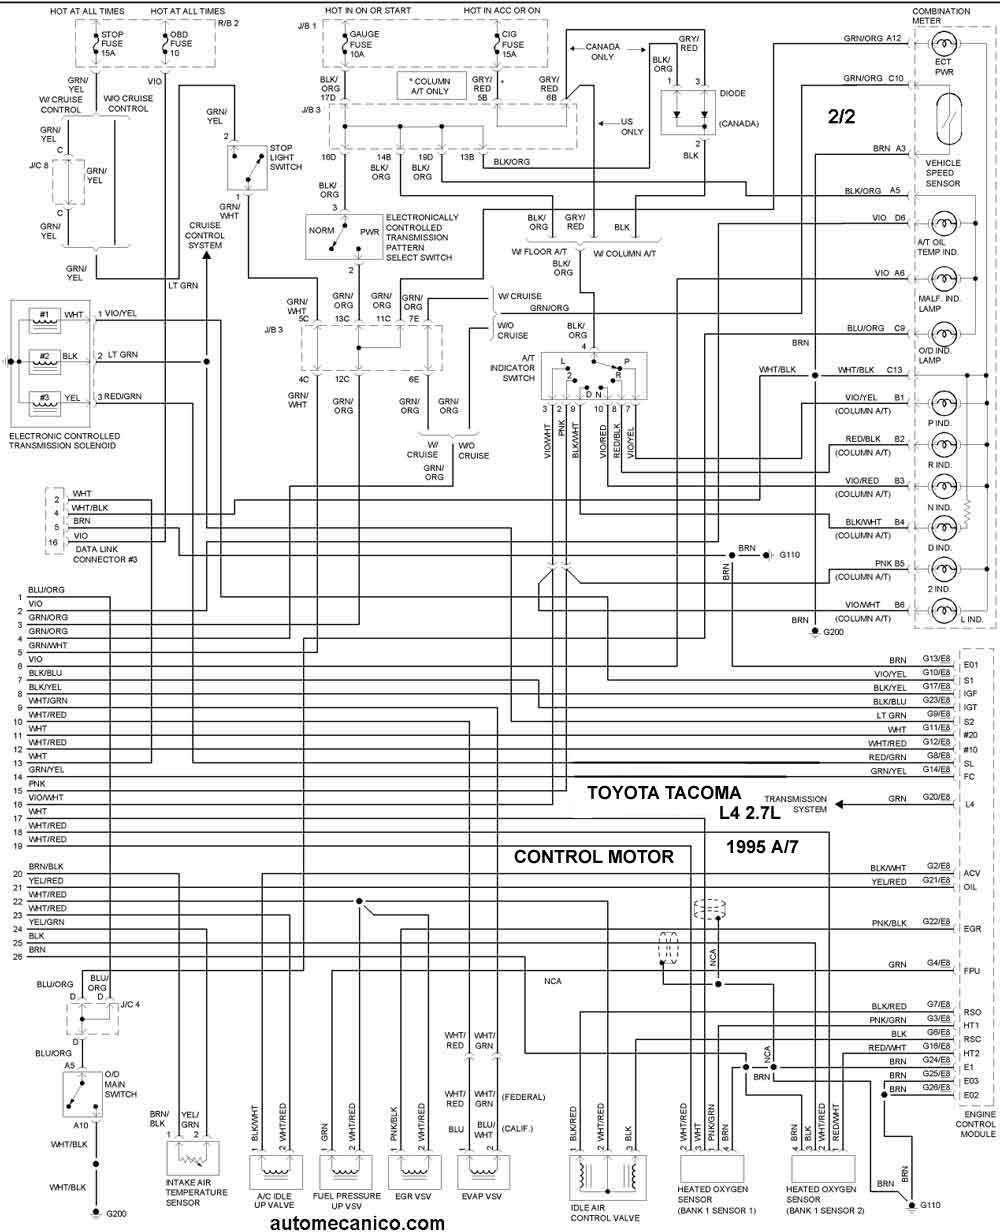 toyota 1995 - diagramas control del motor